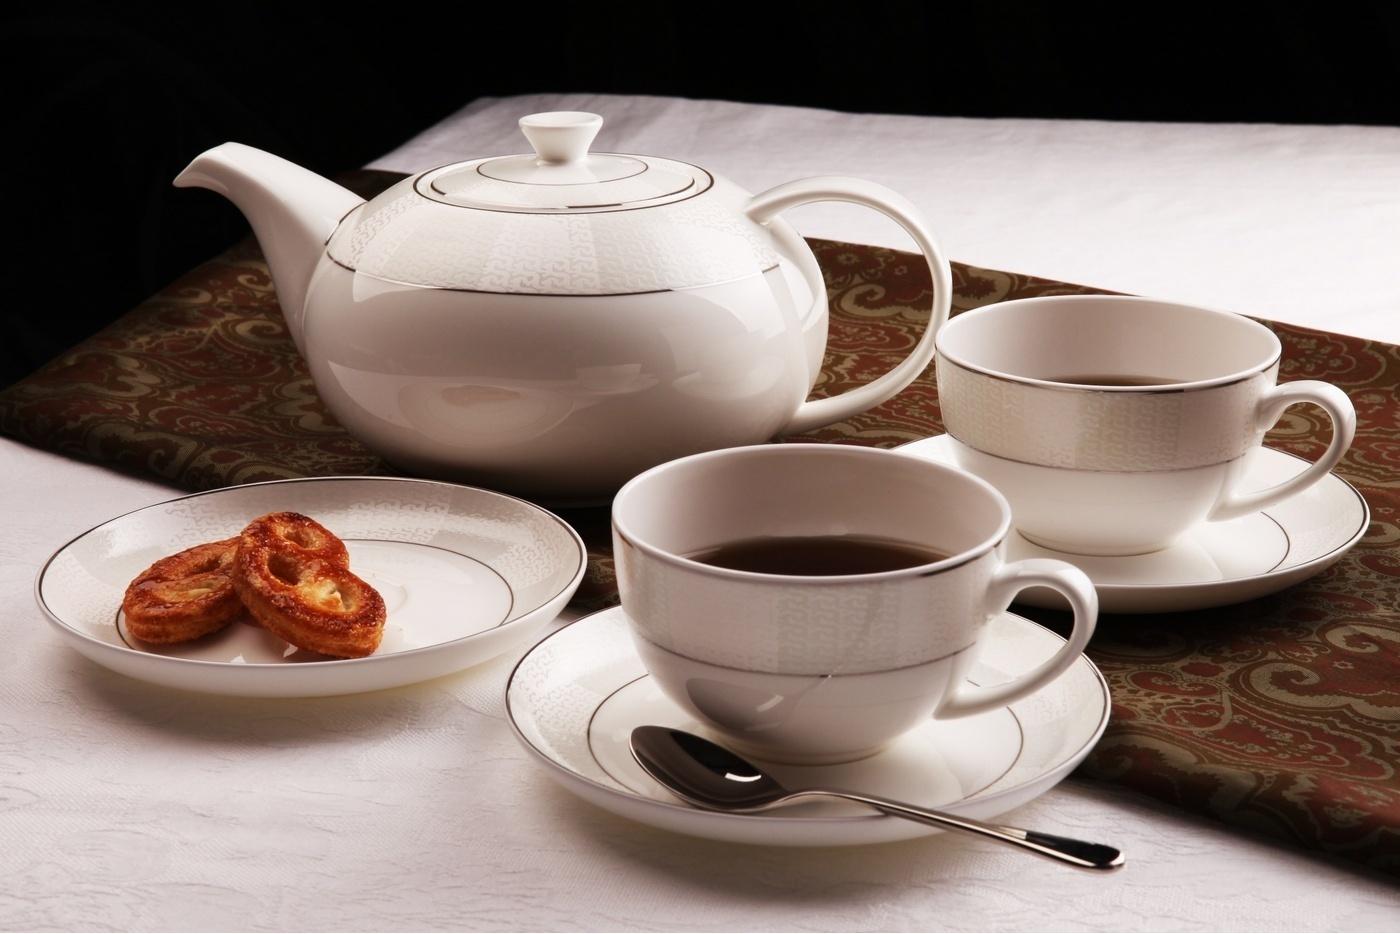 Чайный сервиз Royal Aurel Кружево арт.111, 13 предметовСкидки на товары для кухни<br>Чайный сервиз Royal Aurel Кружево арт.110, 13 предметов<br><br><br><br><br><br><br><br><br><br><br>Чашка 300 мл,6 шт.<br>Блюдце 15 см,6 шт.<br>Чайник 1300 мл<br><br><br><br><br><br><br>Производить посуду из фарфора начали в Китае на стыке 6-7 веков. Неустанно совершенствуя и селективно отбирая сырье для производства посуды из фарфора, мастерам удалось добиться выдающихся характеристик фарфора: белизны и тонкостенности. В XV веке появился особый интерес к китайской фарфоровой посуде, так как в это время Европе возникла мода на самобытные китайские вещи. Роскошный китайский фарфор являлся изыском и был в новинку, поэтому он выступал в качестве подарка королям, а также знатным людям. Такой дорогой подарок был очень престижен и по праву являлся элитной посудой. Как известно из многочисленных исторических документов, в Европе китайские изделия из фарфора ценились практически как золото. <br>Проверка изделий из костяного фарфора на подлинность <br>По сравнению с производством других видов фарфора процесс производства изделий из настоящего костяного фарфора сложен и весьма длителен. Посуда из изящного фарфора - это элитная посуда, которая всегда ассоциируется с богатством, величием и благородством. Несмотря на небольшую толщину, фарфоровая посуда - это очень прочное изделие. Для демонстрации плотности и прочности фарфора можно легко коснуться предметов посуды из фарфора деревянной палочкой, и тогда мы услушим характерный металлический звон. В составе фарфоровой посуды присутствует костяная зола, благодаря чему она может быть намного тоньше (не более 2,5 мм) и легче твердого или мягкого фарфора. Безупречная белизна - ключевой признак отличия такого фарфора от других. Цвет обычного фарфора сероватый или ближе к голубоватому, а костяной фарфор будет всегда будет молочно-белого цвета. Характерная и немаловажная деталь - это невесомая прозрачность изделий из фарфора такая, что сквозь него прохо